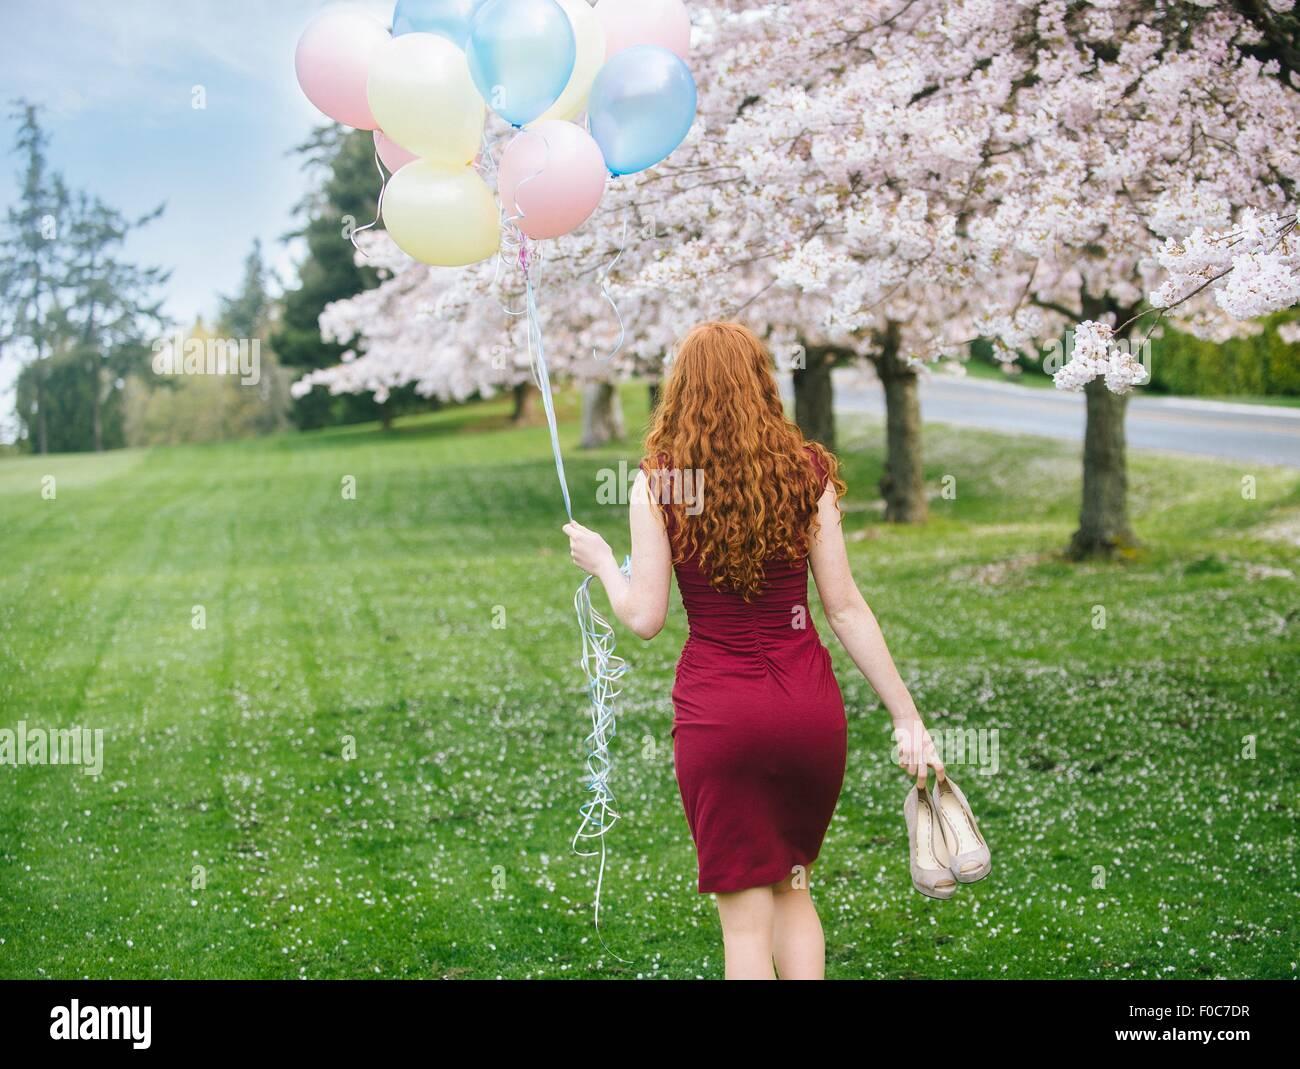 Vista posteriore della giovane donna con ondulata lungo i capelli rossi e il mazzetto di palloncini passeggiando Immagini Stock